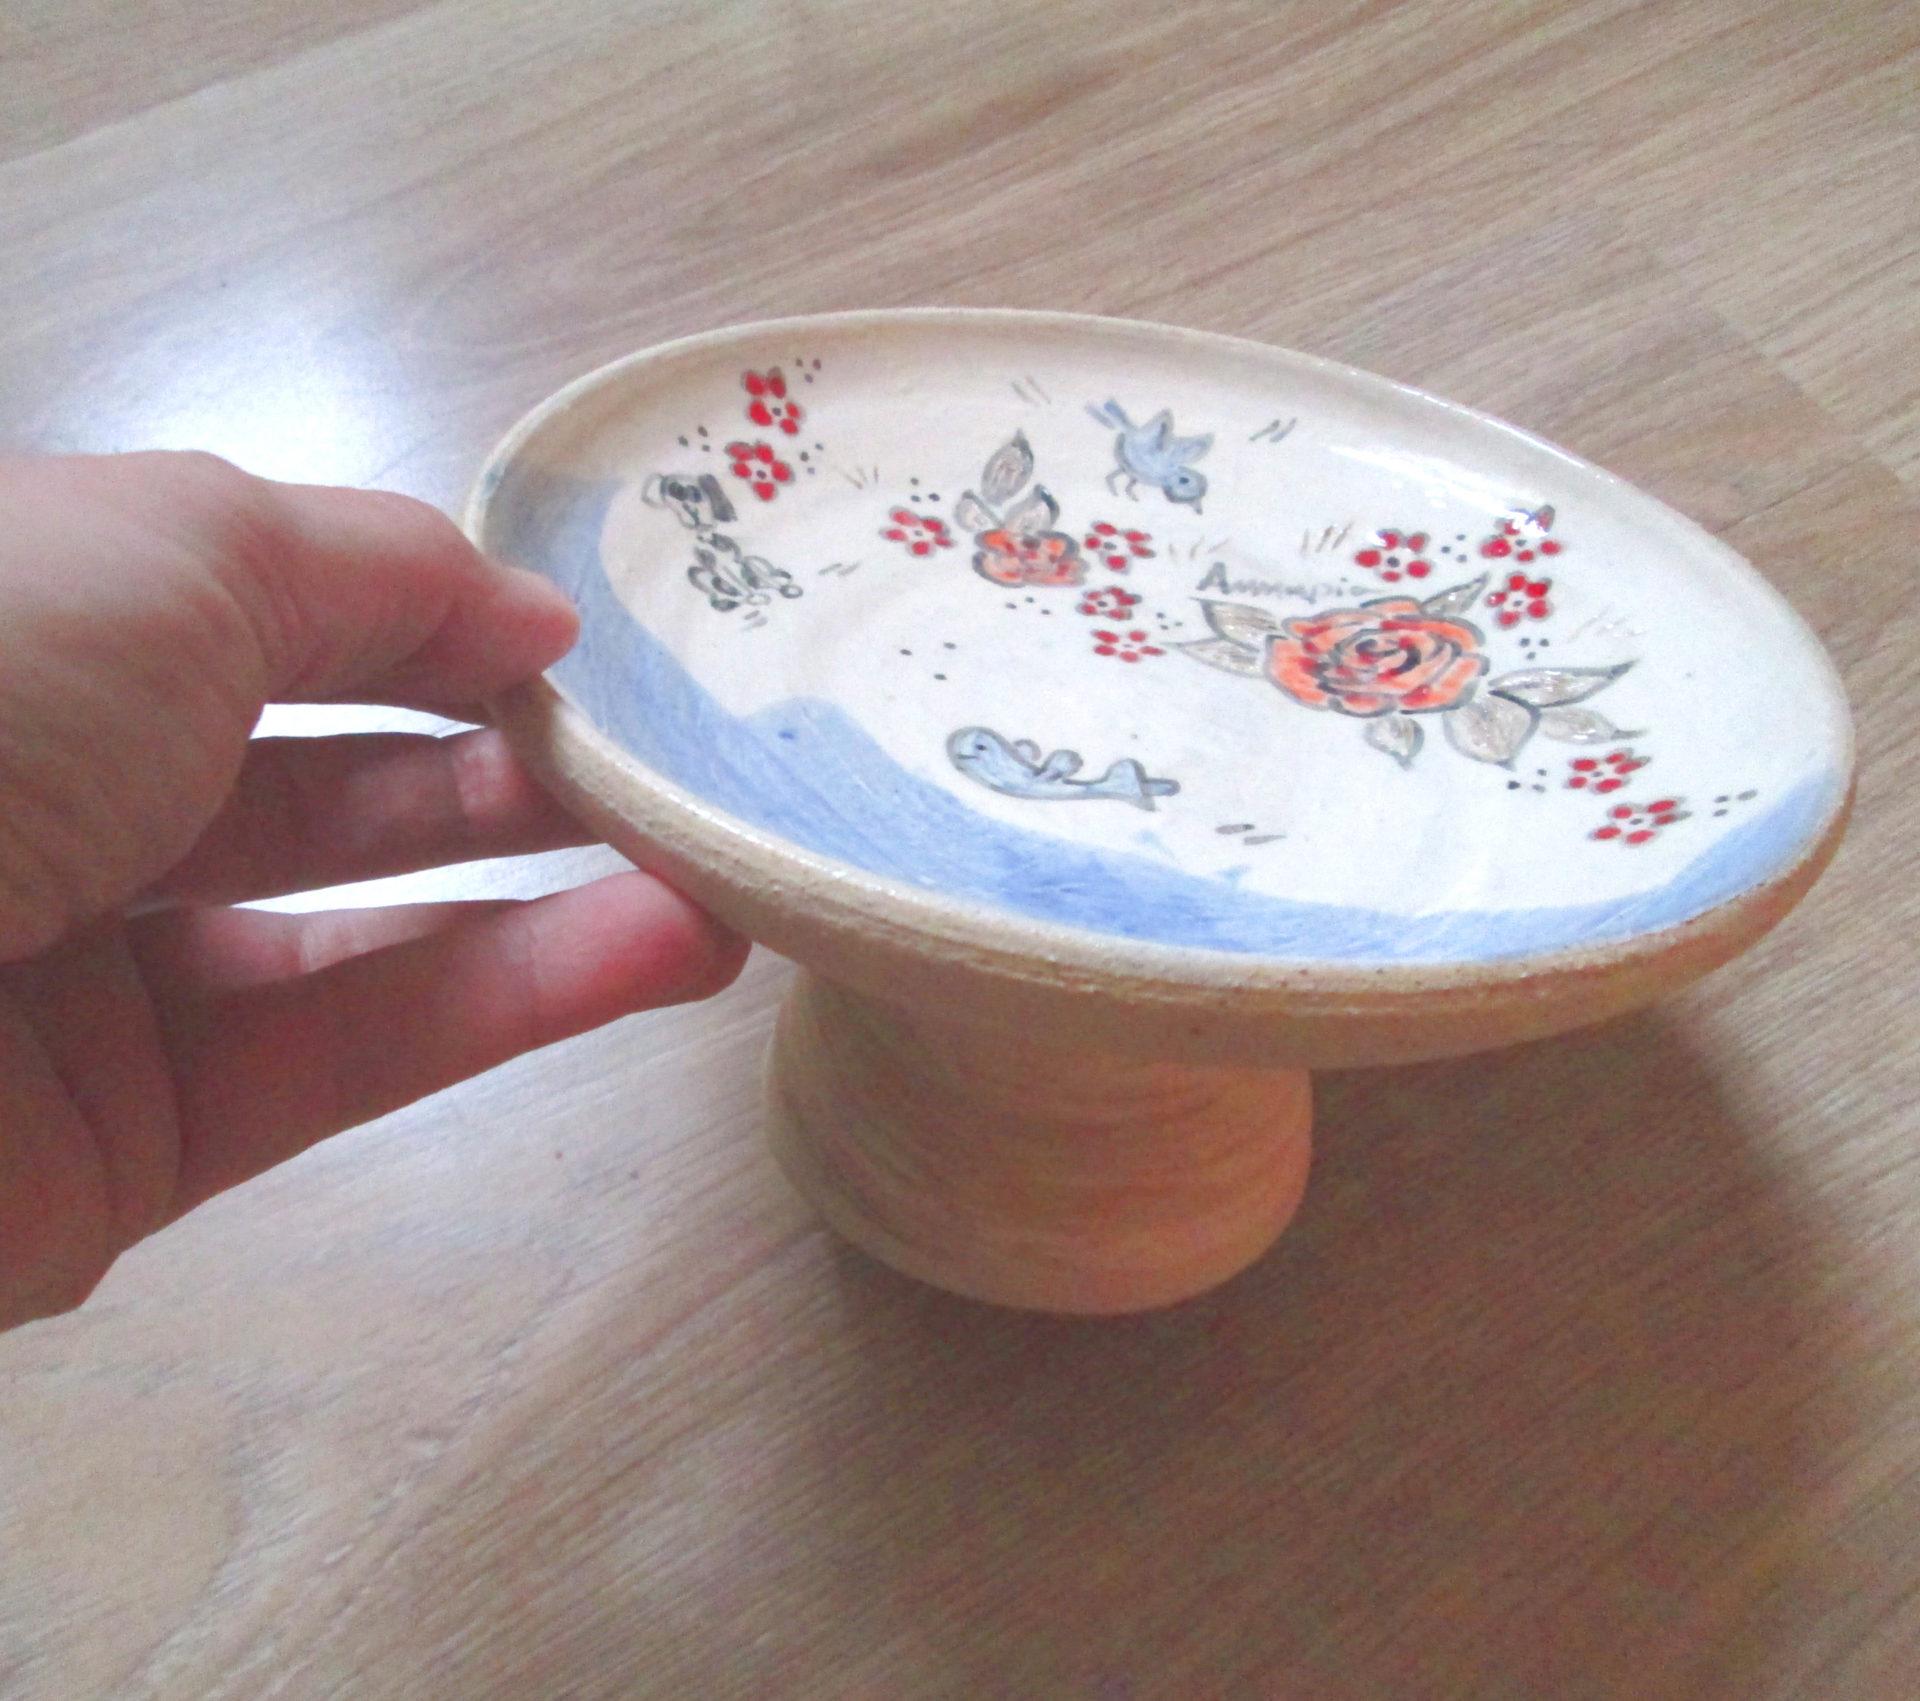 Annapia Sogliani alzatina in ceramica fatta e decorata a mano engobbio, plat avec pied fait et décoré main grès décor engobe